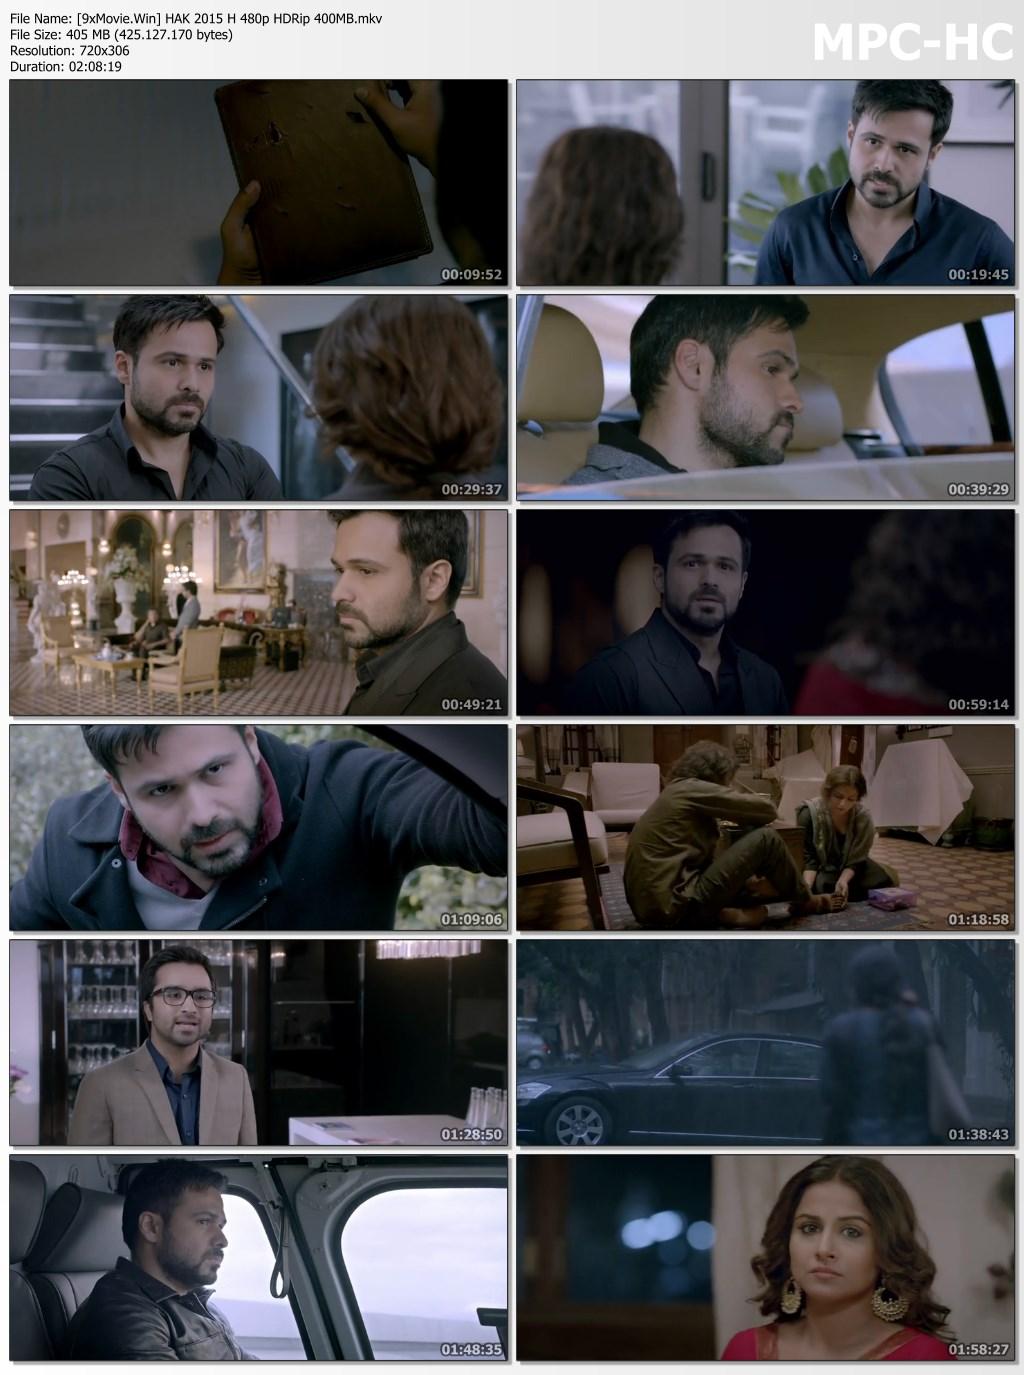 Hamari Adhuri Kahani 2015 Bollywood Movie 480p HDRip x264 400MB